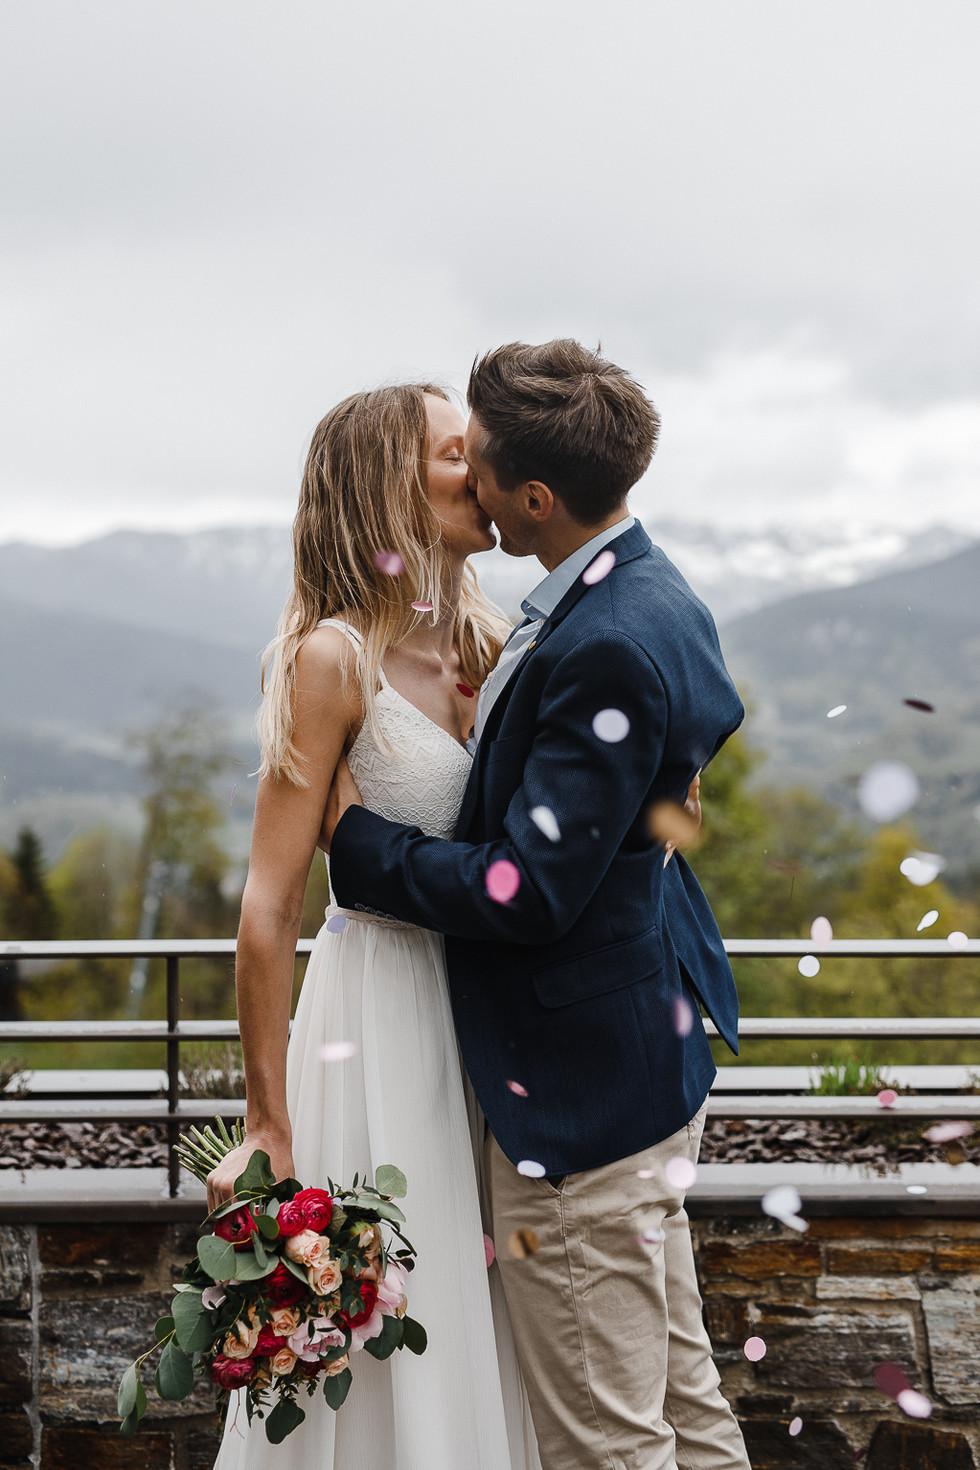 Wedding Photographer in Austria - haltet den schönsten Tag eures Lebens für immer fest